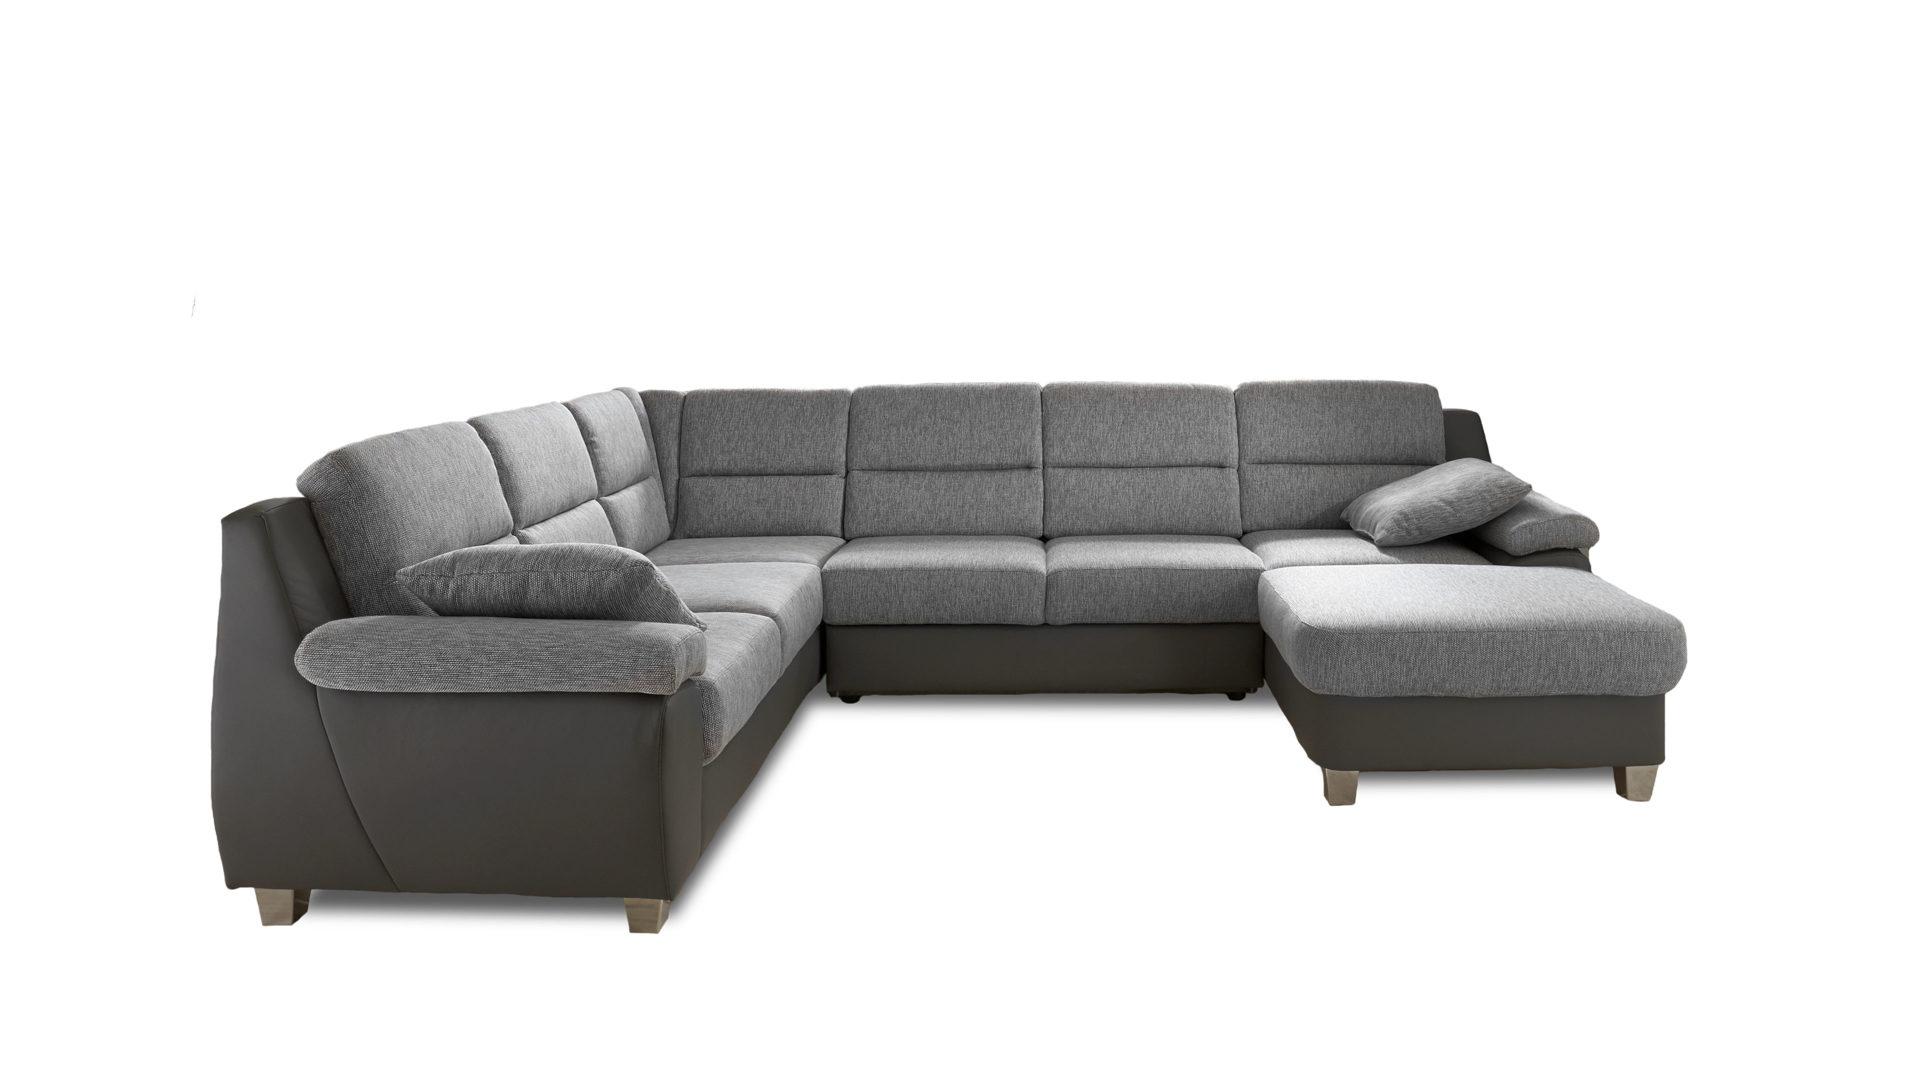 Möbel Bohn Crailsheim, Räume, Wohnzimmer, Sofas + Couches, Eckcouch ...